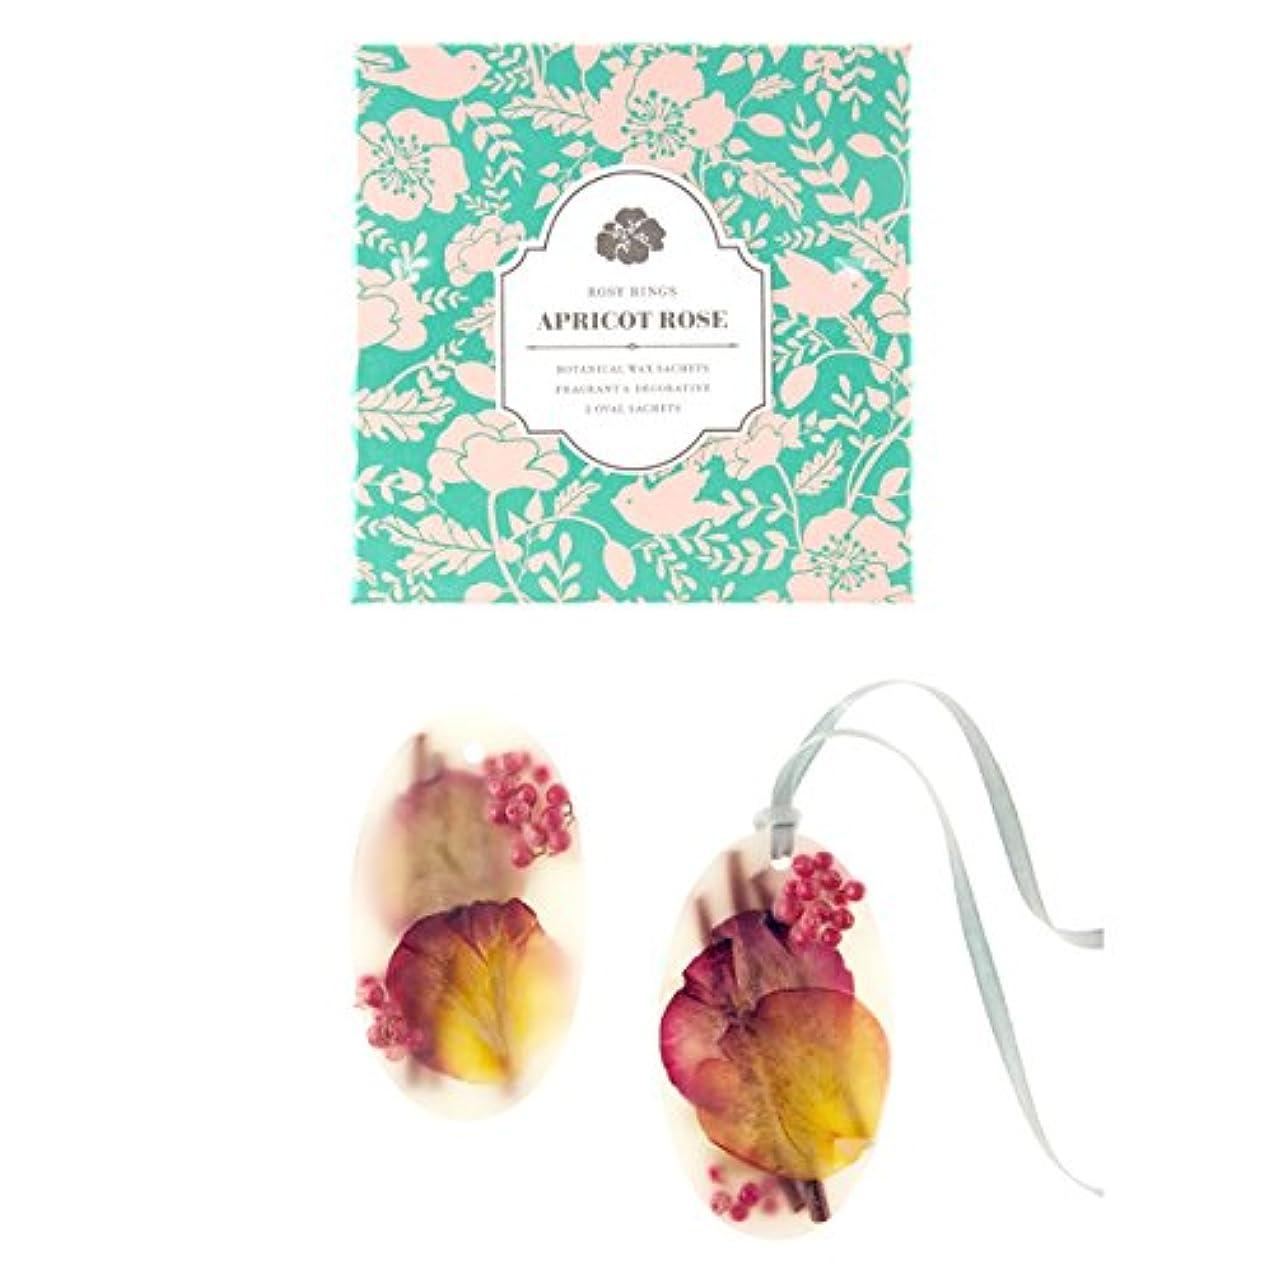 暖かく不可能なシエスタロージーリングス ボタニカルワックスサシェ オーバル アプリコット&ローズ ROSY RINGS Signature Collection Botanical Wax Sachets – Apricot Rose